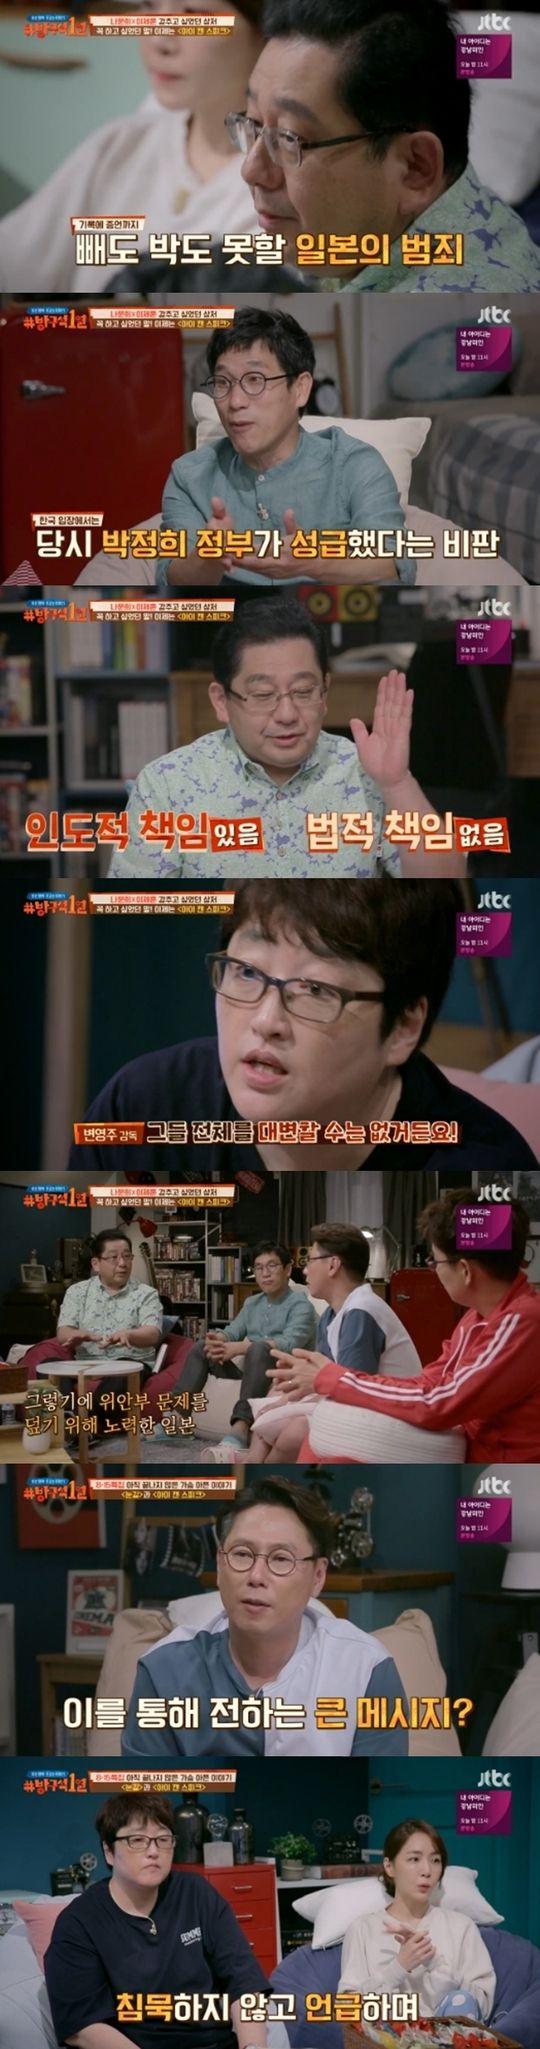 【韓国の昨日のTV】慰安婦問題を避ける日本、記憶しなければならない韓国